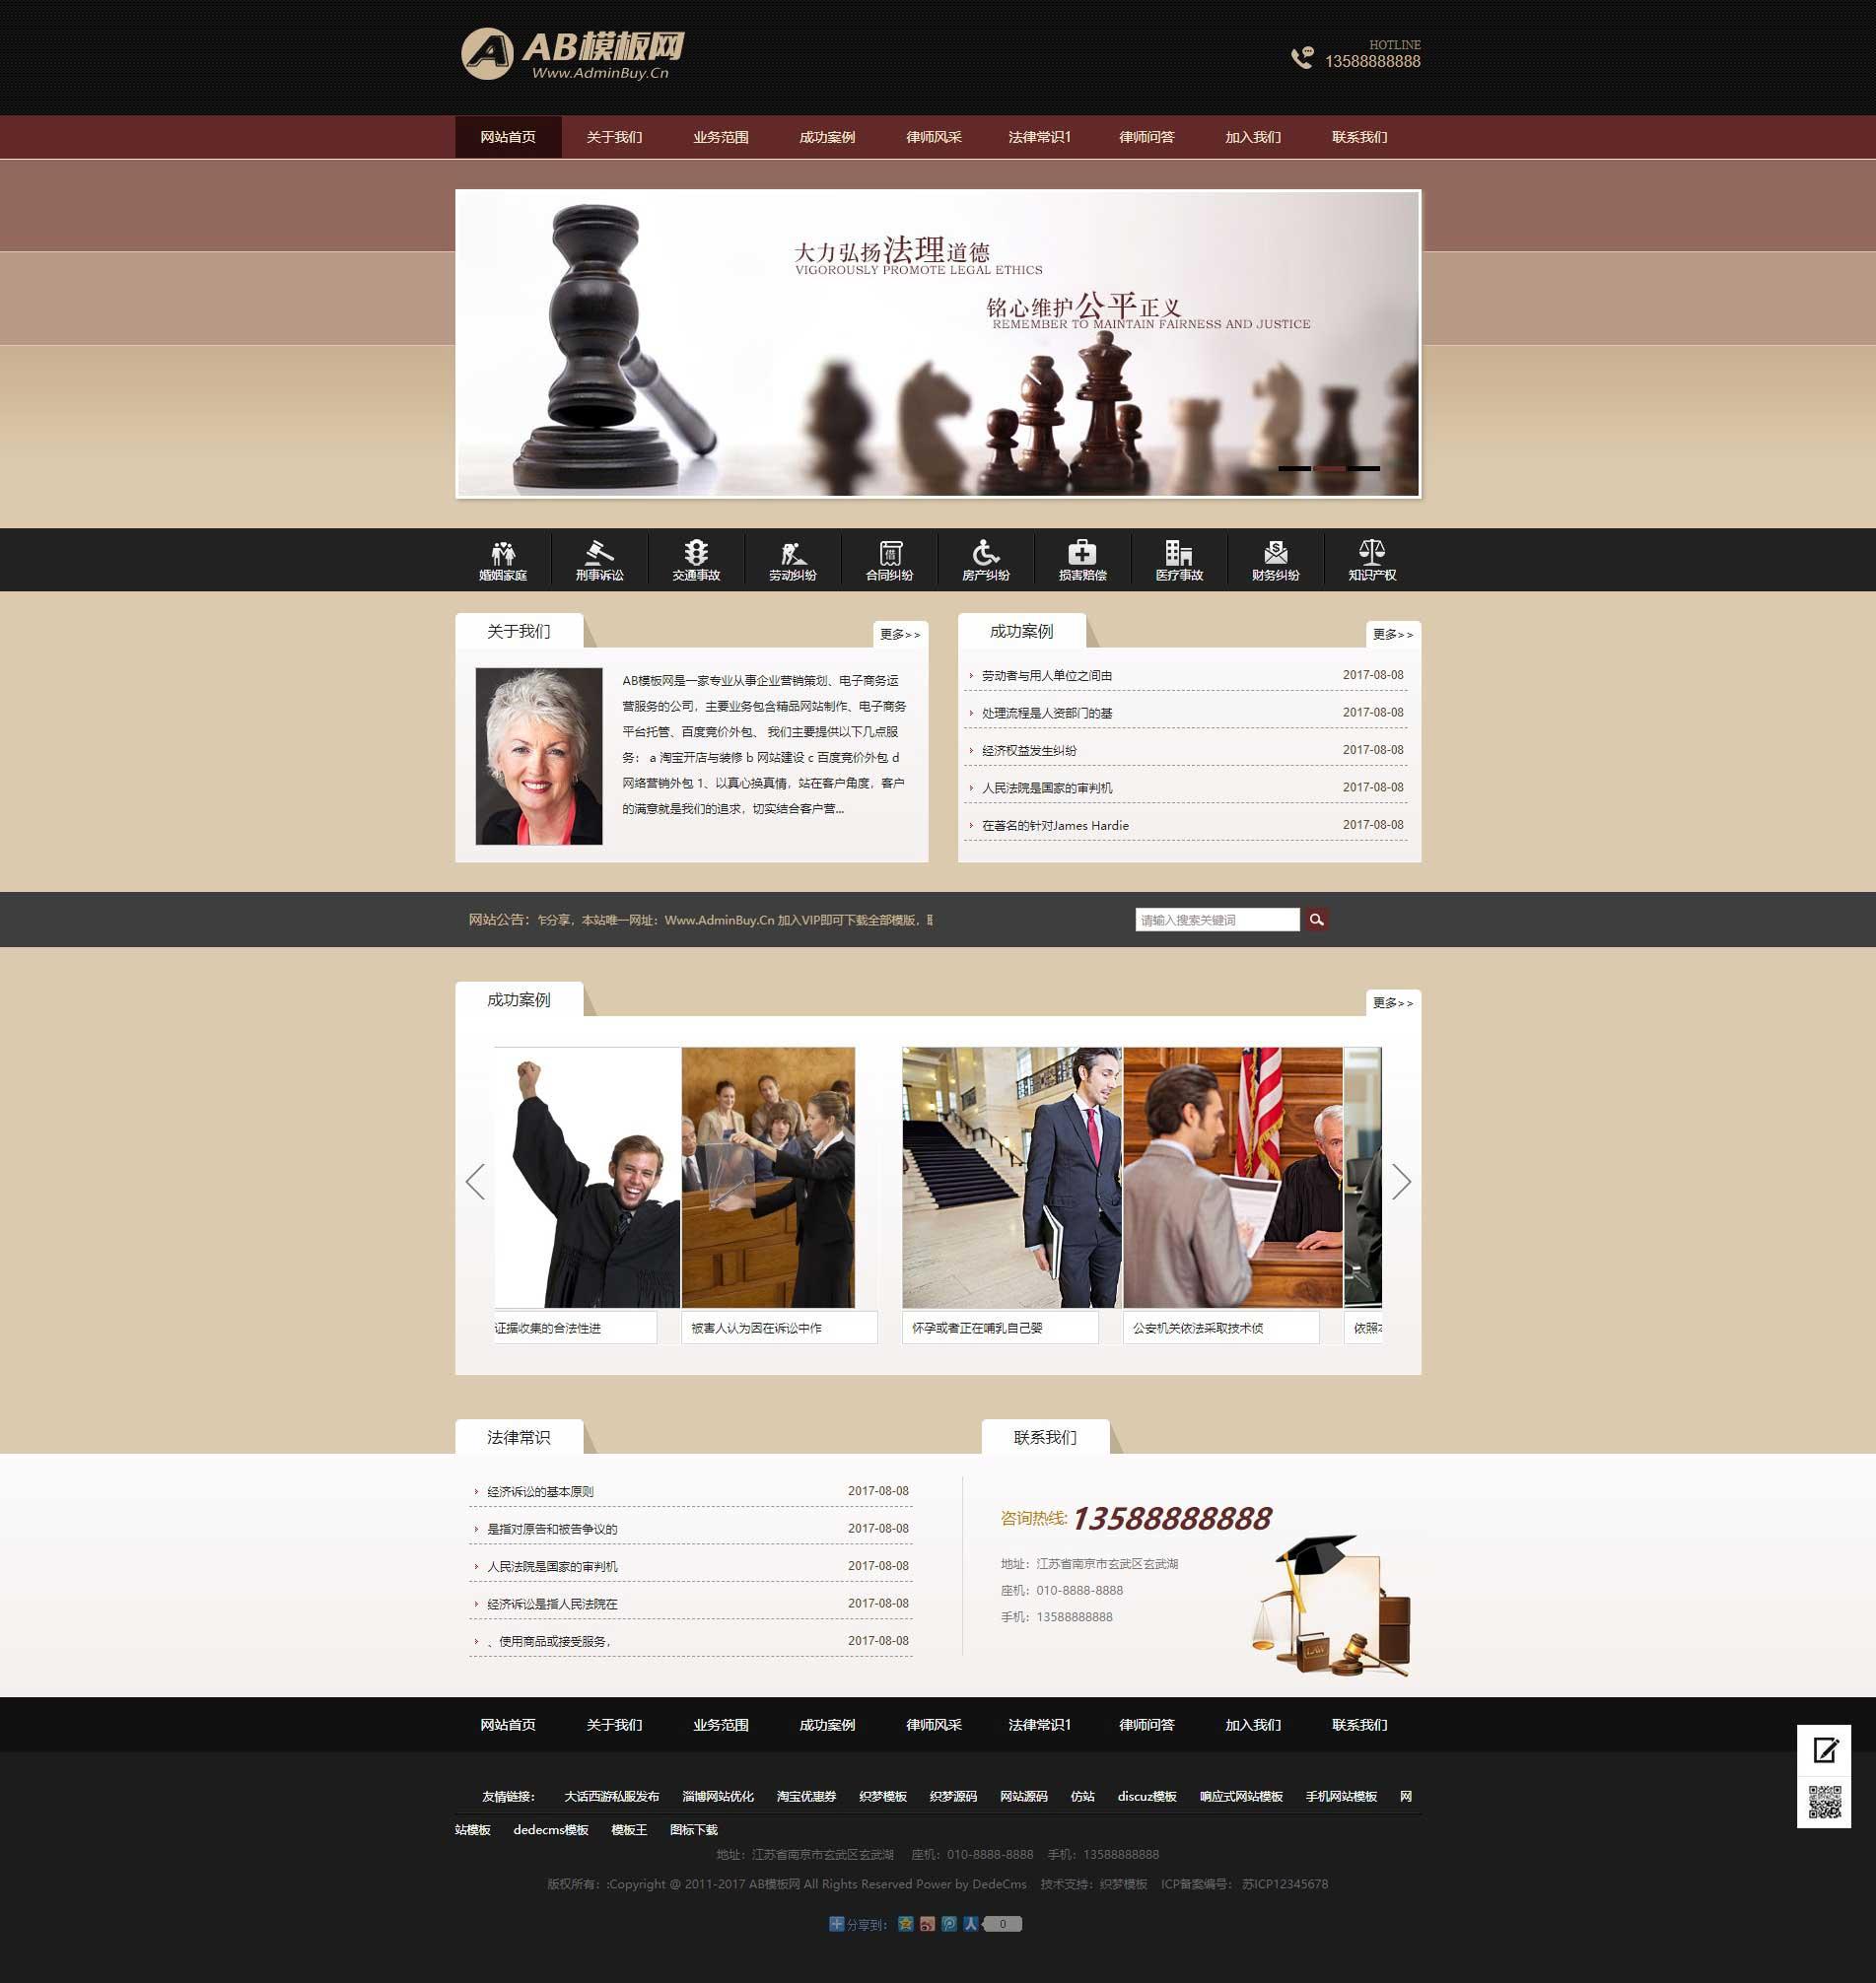 法律律师事务所企业网站织梦dede模板源码[带手机版数据同步]插图